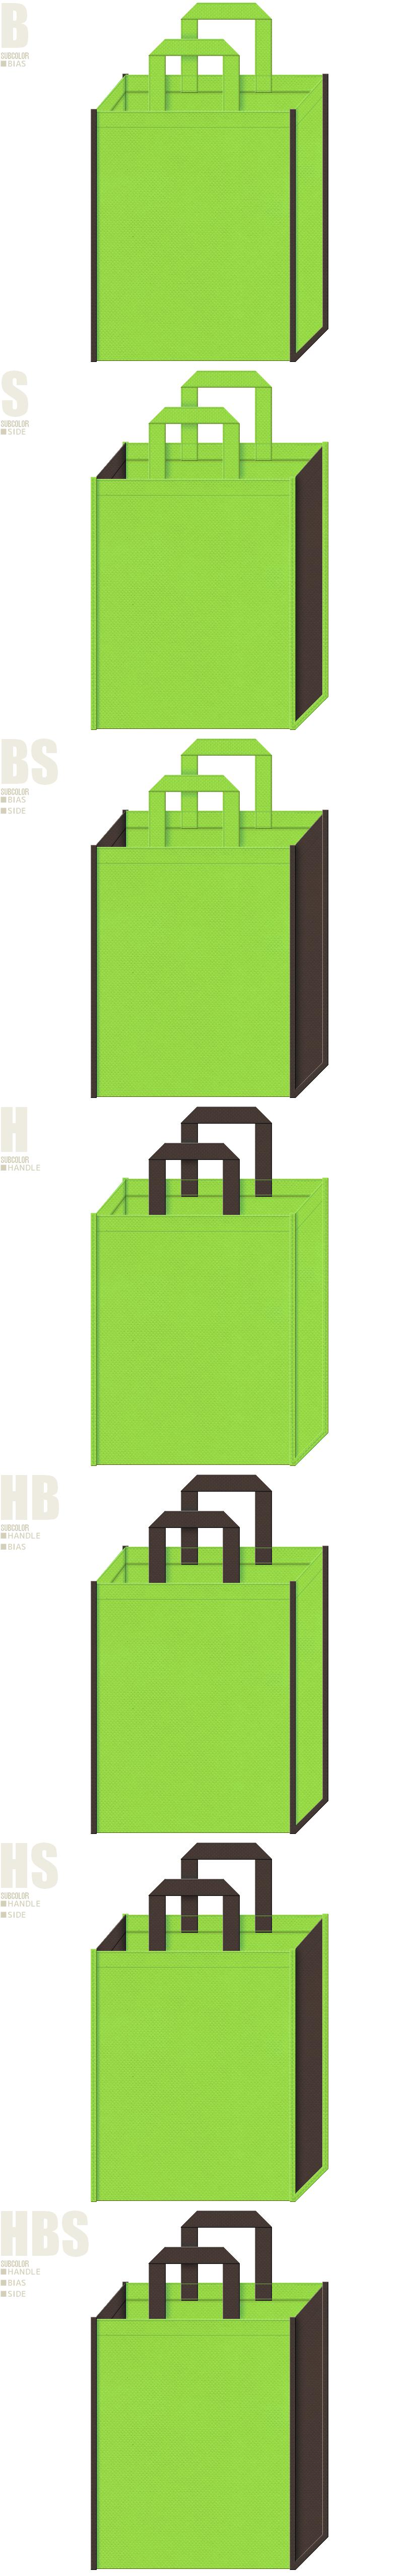 屋上緑化・壁面緑化・環境セミナー・CO2削減・エコイベント・植物園・畑・田んぼアート・種苗・肥料・農業イベント・牧場イベント・産直市場・林業・ガーデニング・エクステリア・園芸用品の展示会用バッグにお奨めの不織布バッグデザイン:黄緑色とこげ茶色の配色7パターン